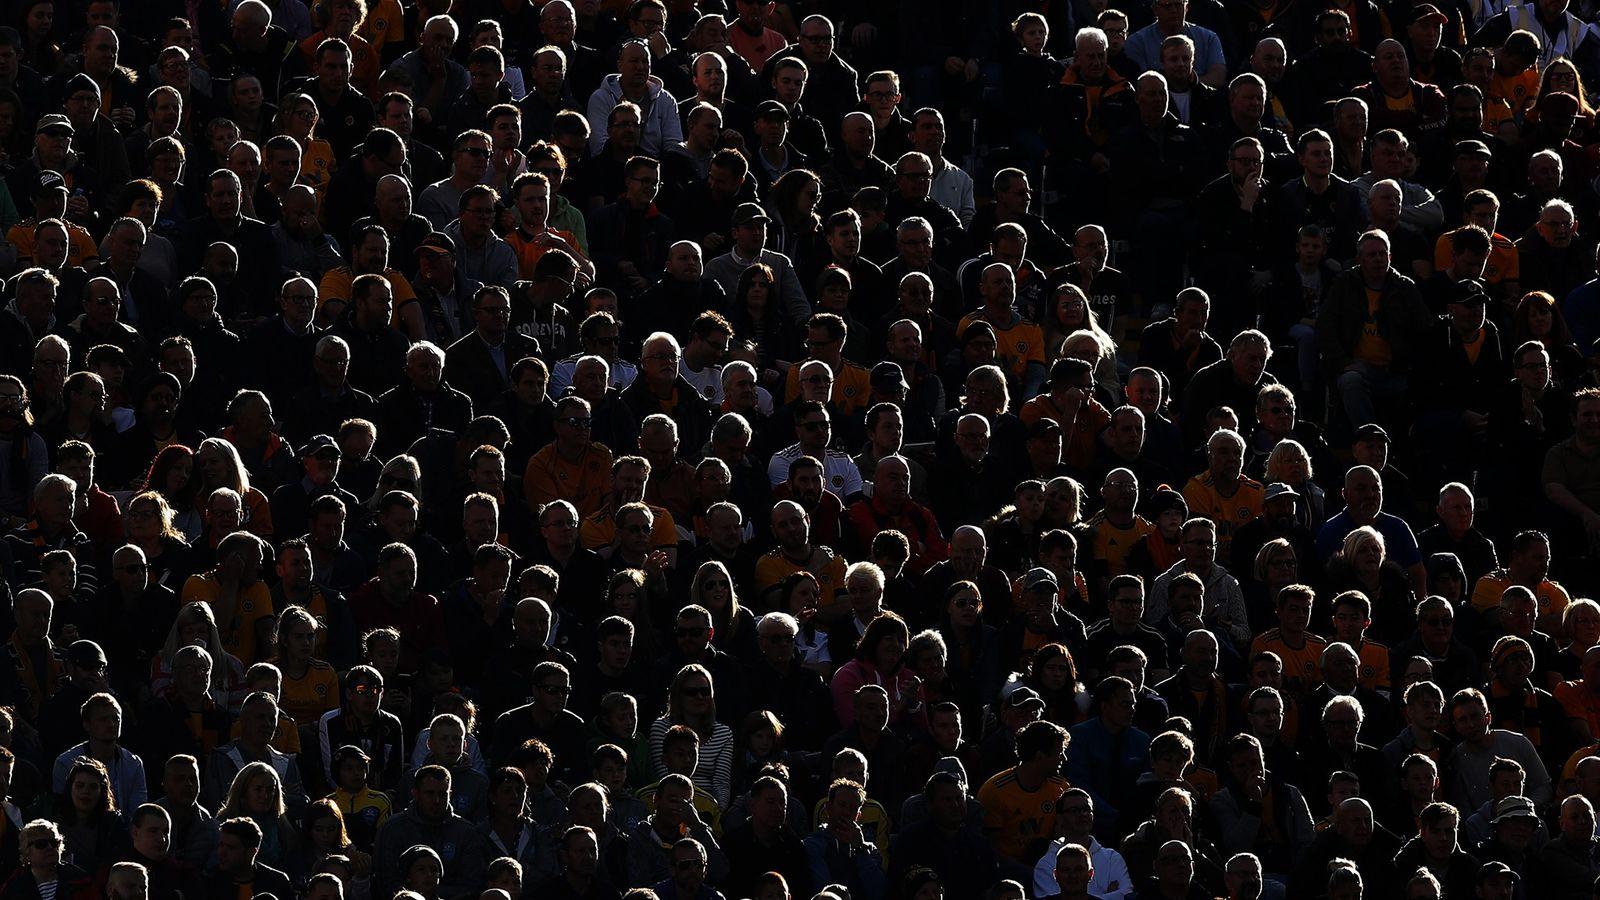 Los neurocientíficos y psicólogos postulan que las personas no temen estar cerca de extraños y multitudes ...